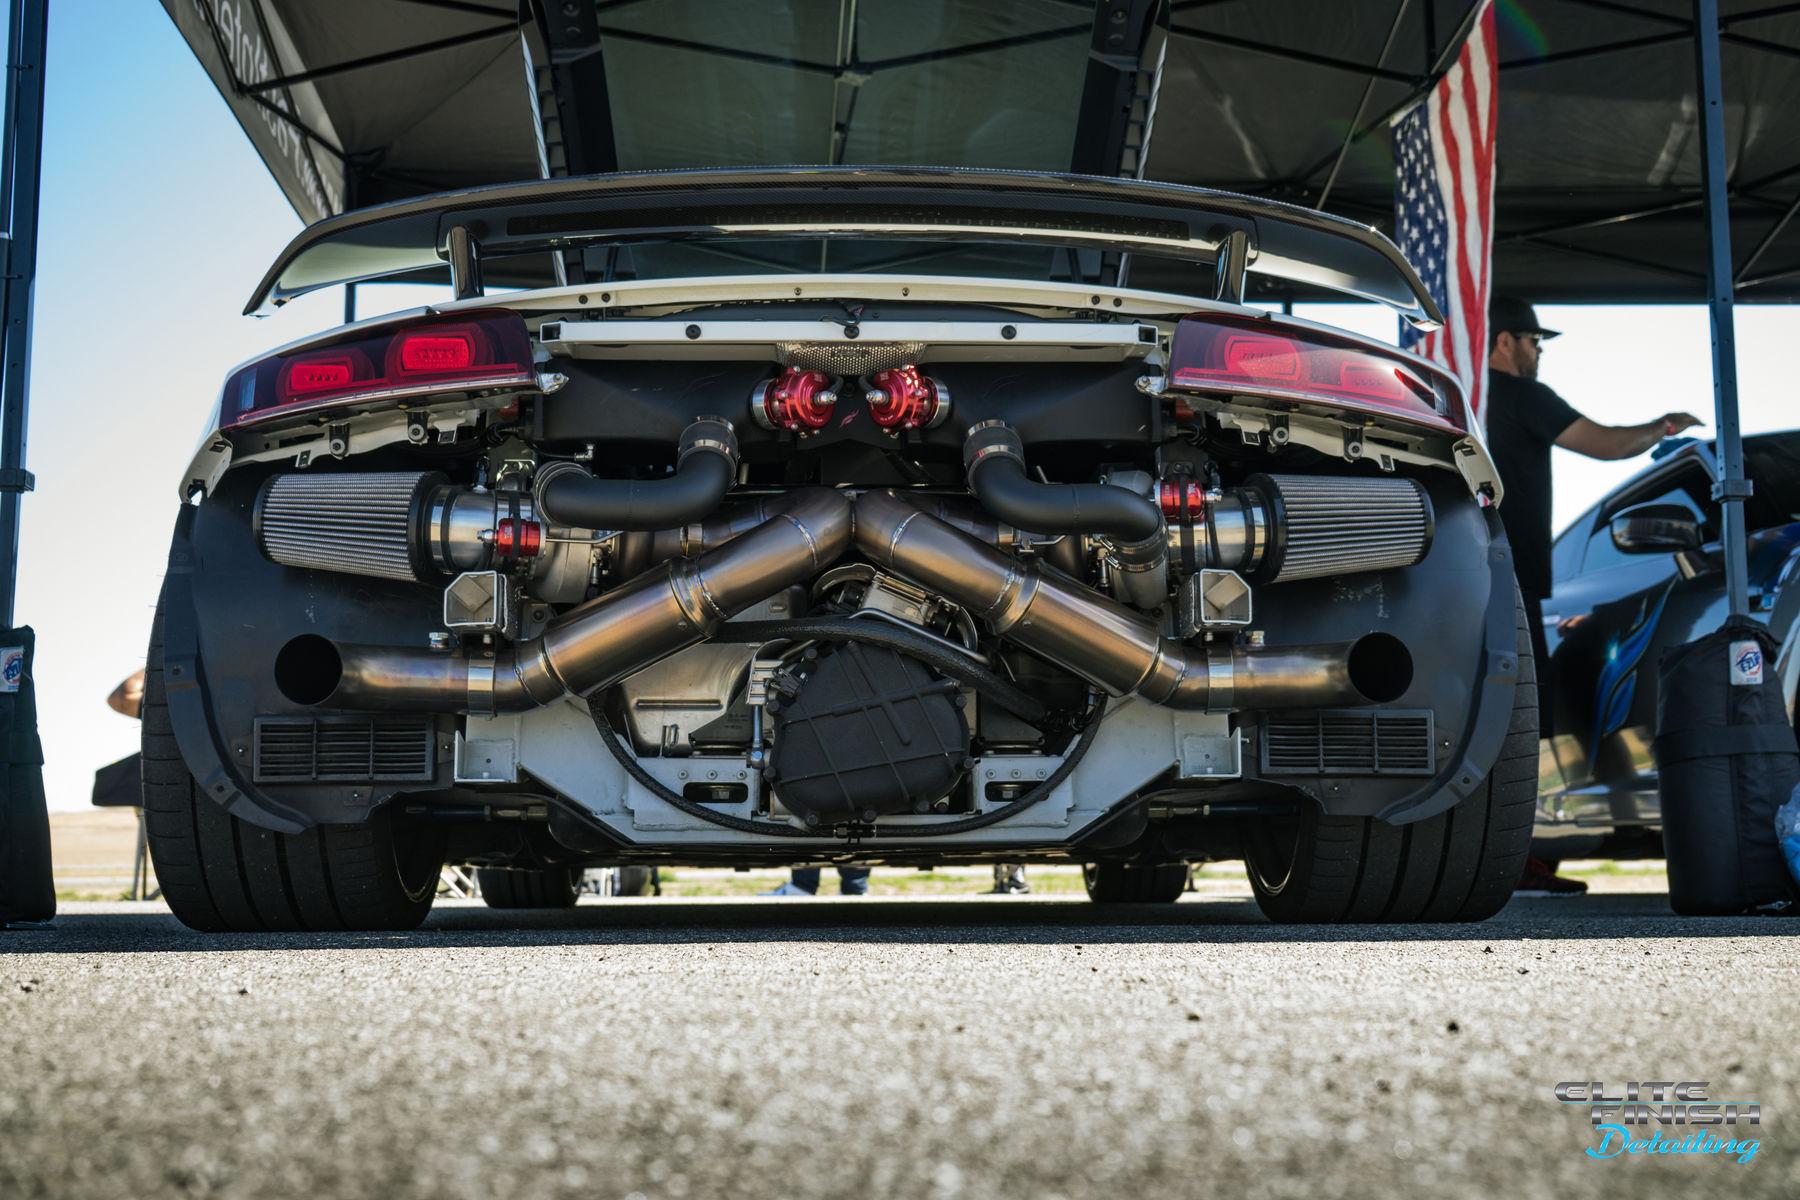 Porsche  | Shift S3ctor California Airstrip Attack